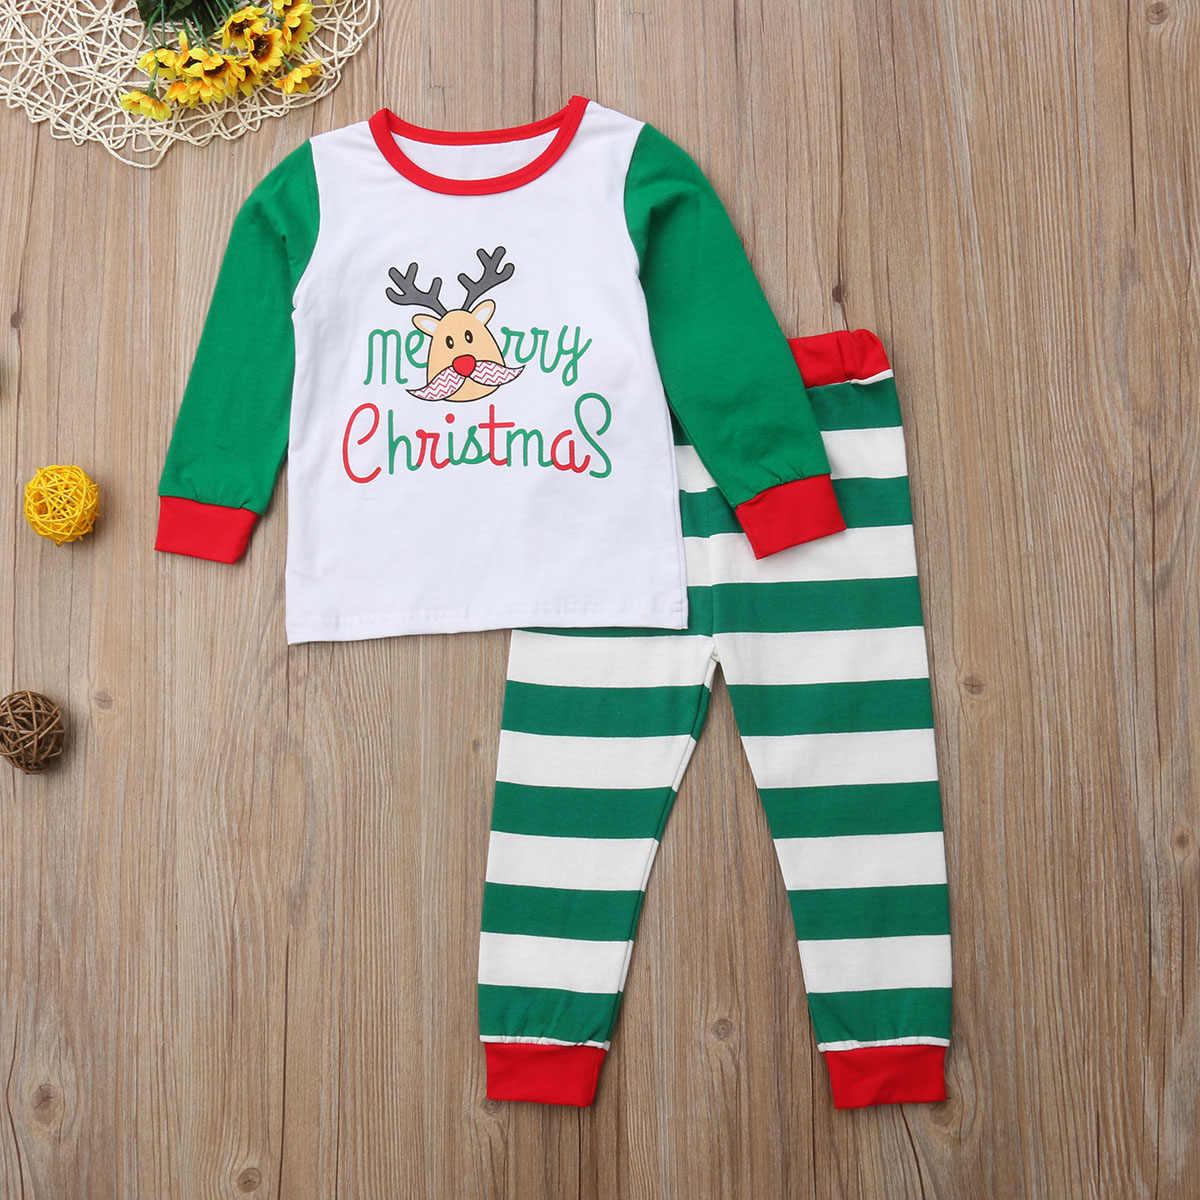 חדש אופנה חג המולד משפחת התאמת פיג פיג 'מה נשים גברים ילדים צבי מכתב הדפסת פסים הלבשת Nightwear